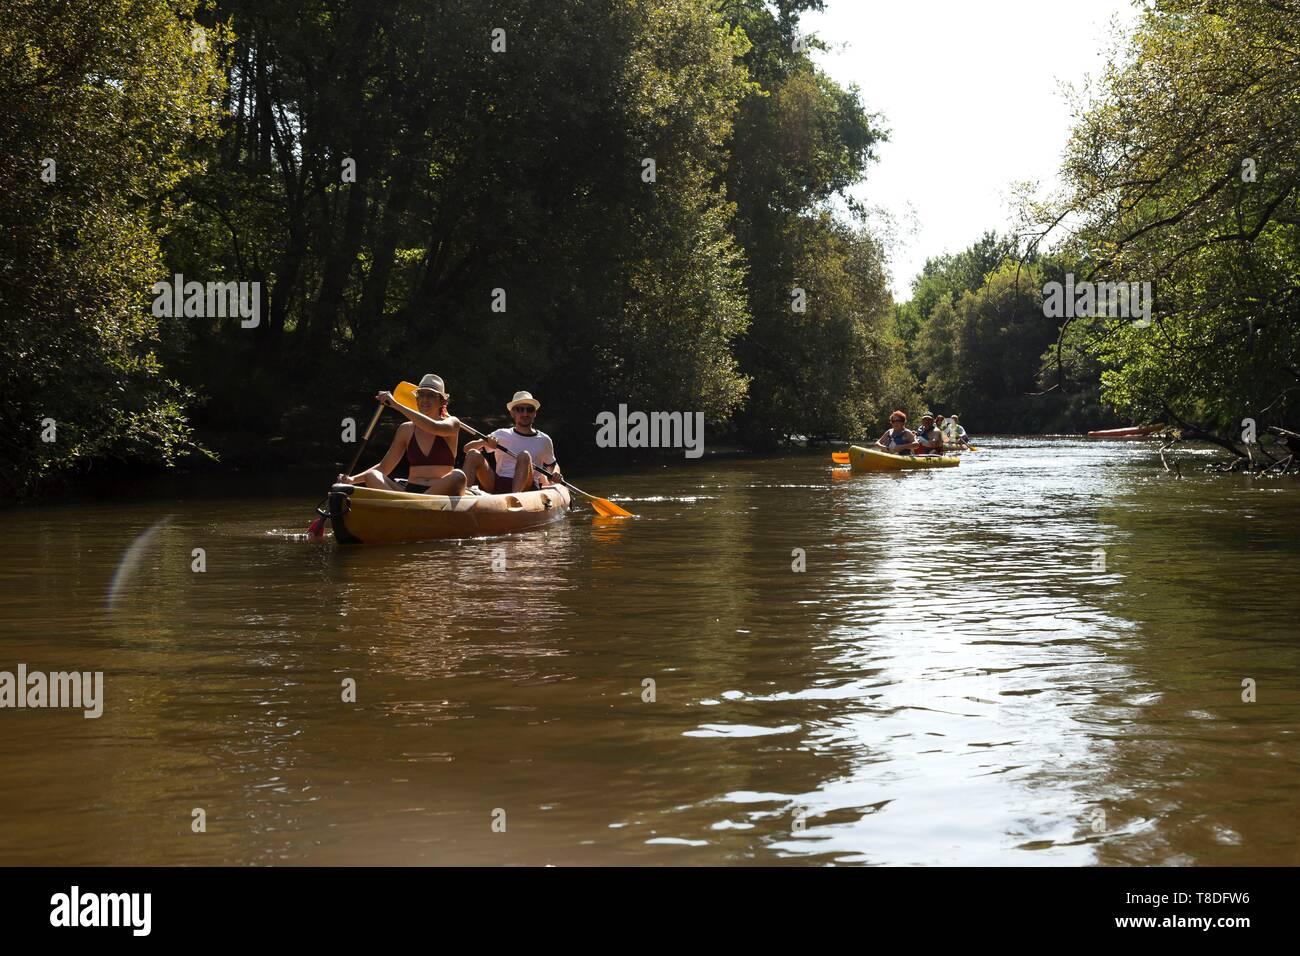 France, Gironde, Val de l'Eyre, Parc Naturel des Landes de Gascogne RÚgional, Salles, Leyre rivière, du canoë-kayak sur la rivière Photo Stock